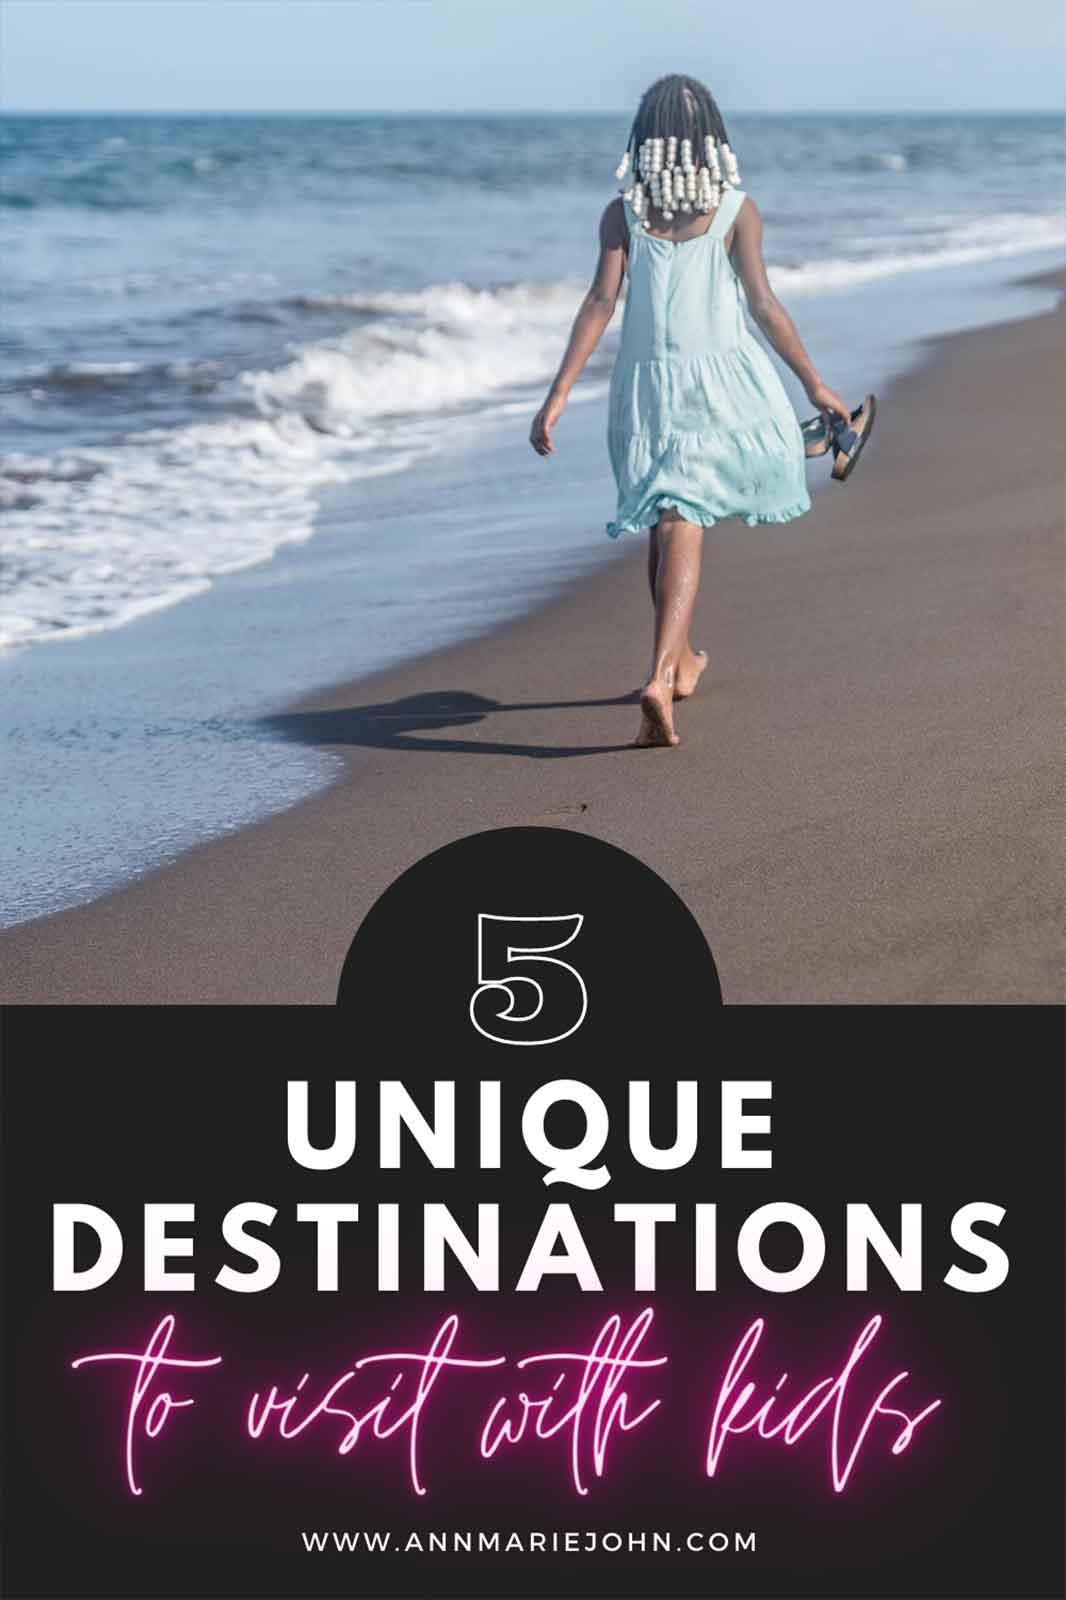 Unique Destinations To Visit With Kids